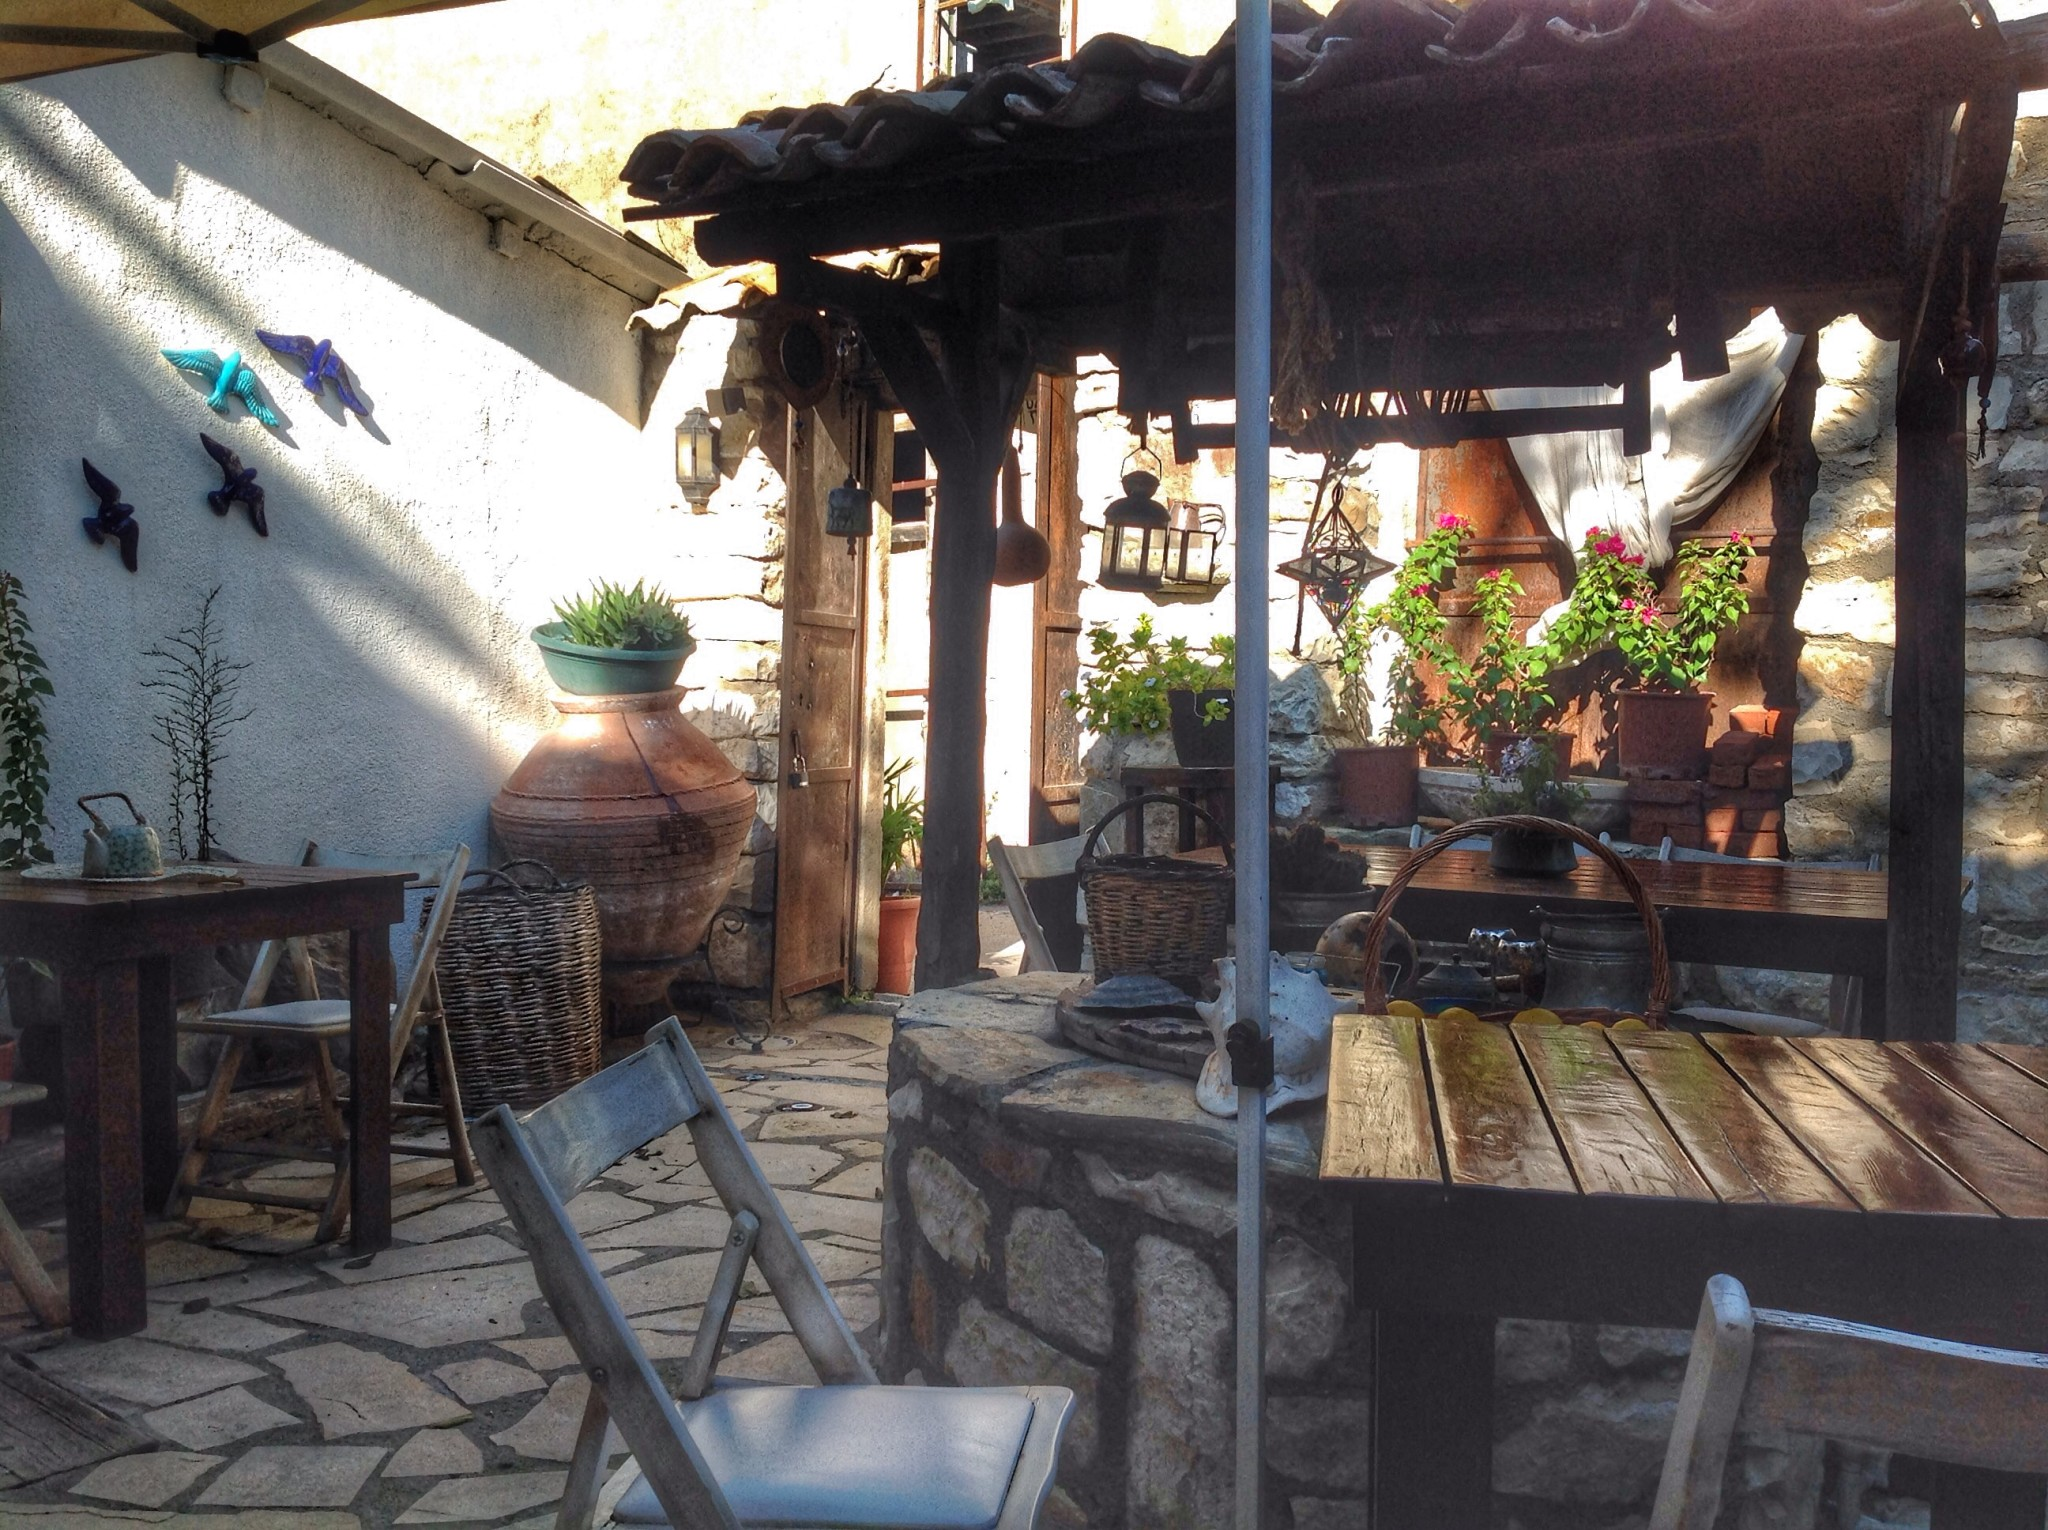 Urla Uzun Masa Avlu Kafe Fotoğrafı